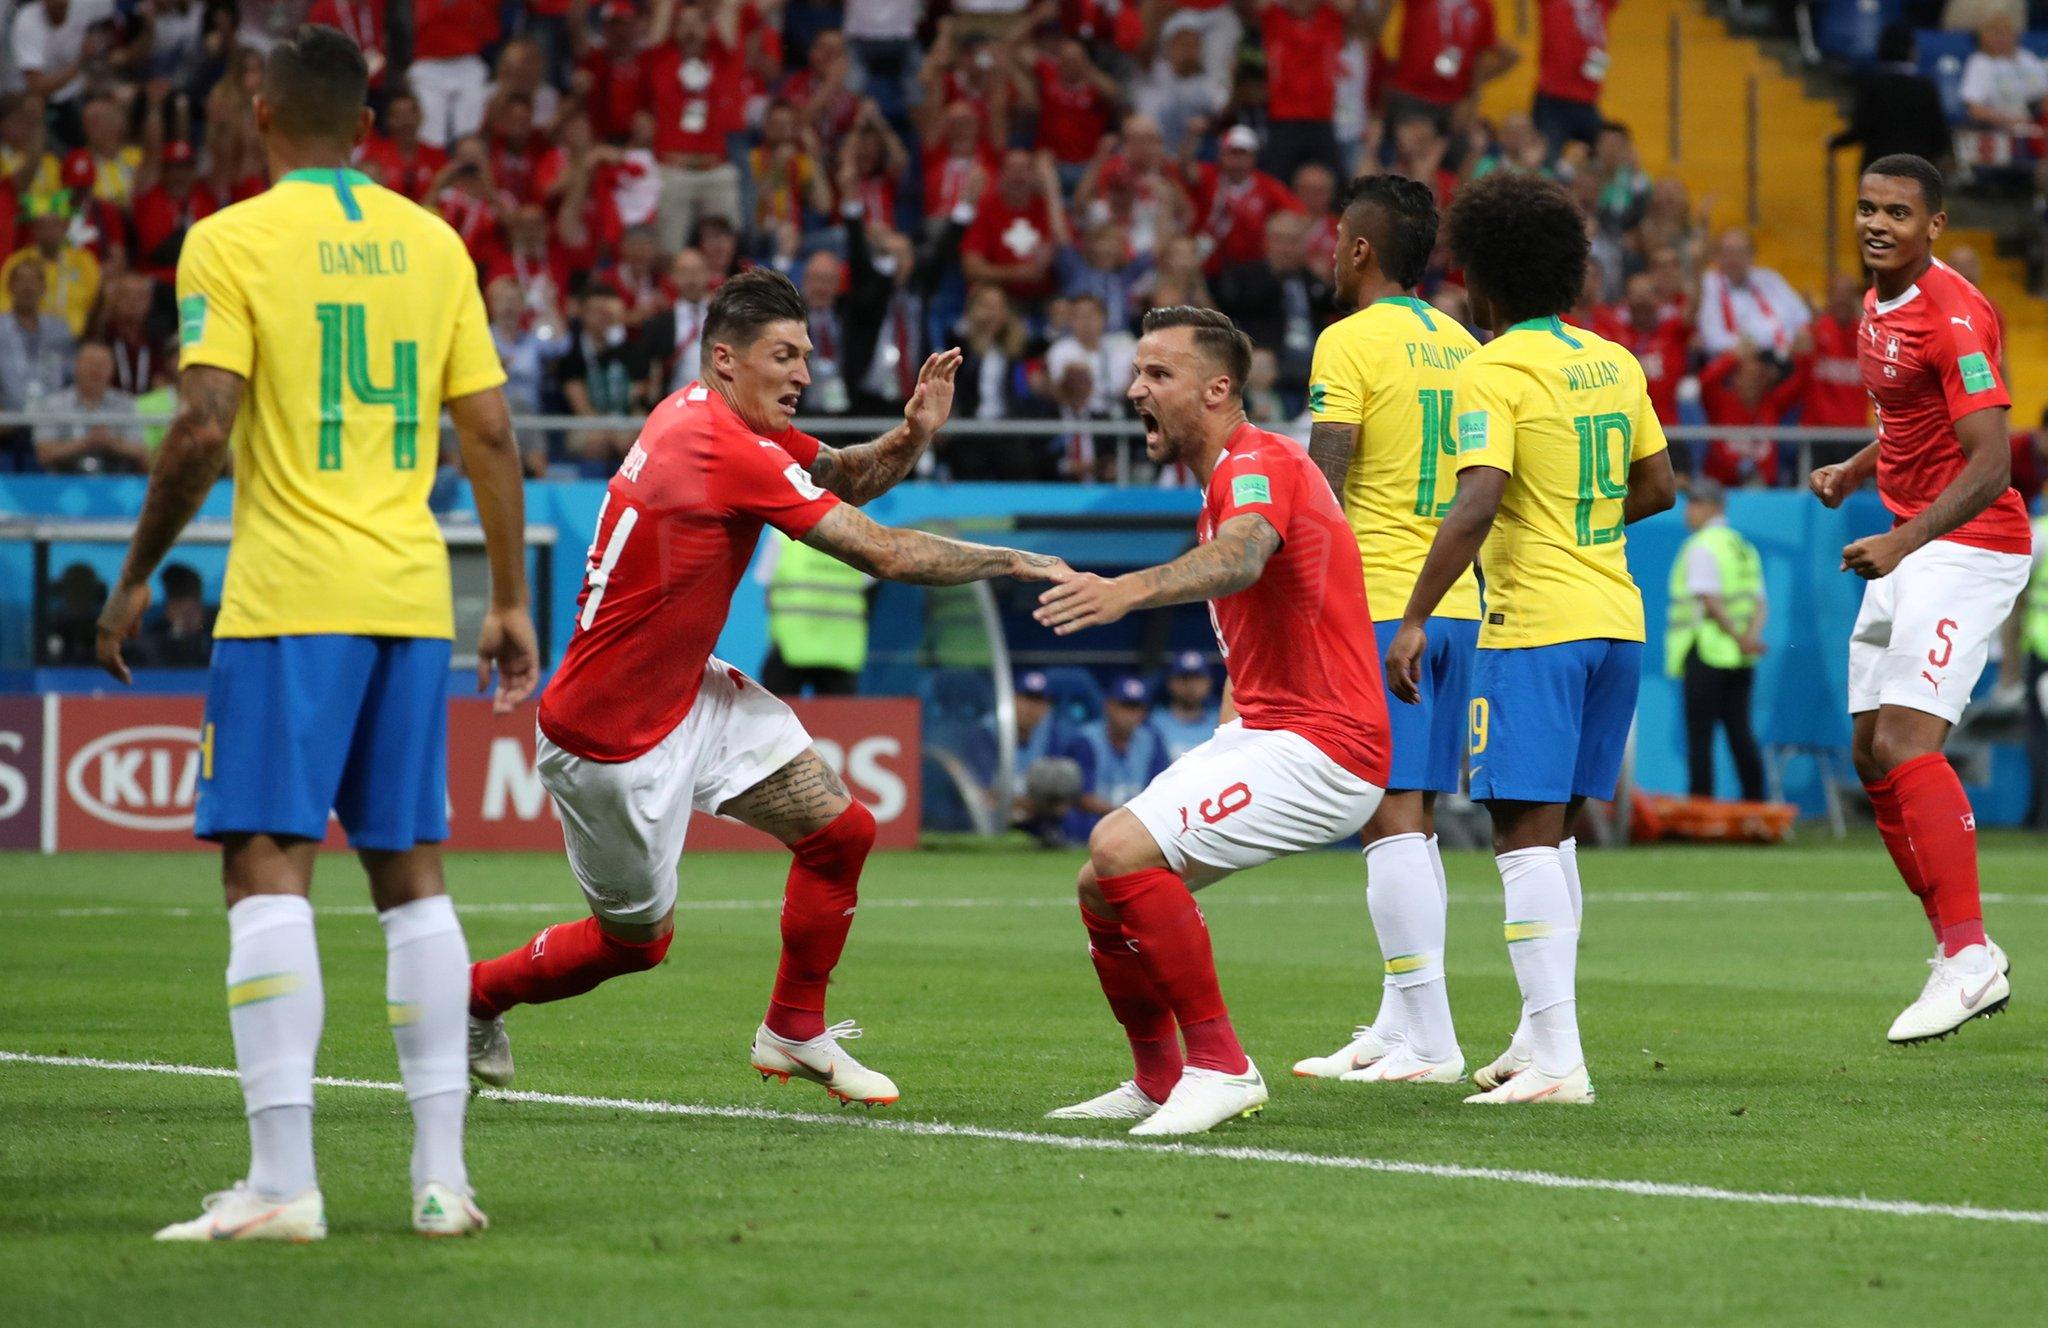 世界杯历史首次!巴西、阿根廷、德国都未能取胜